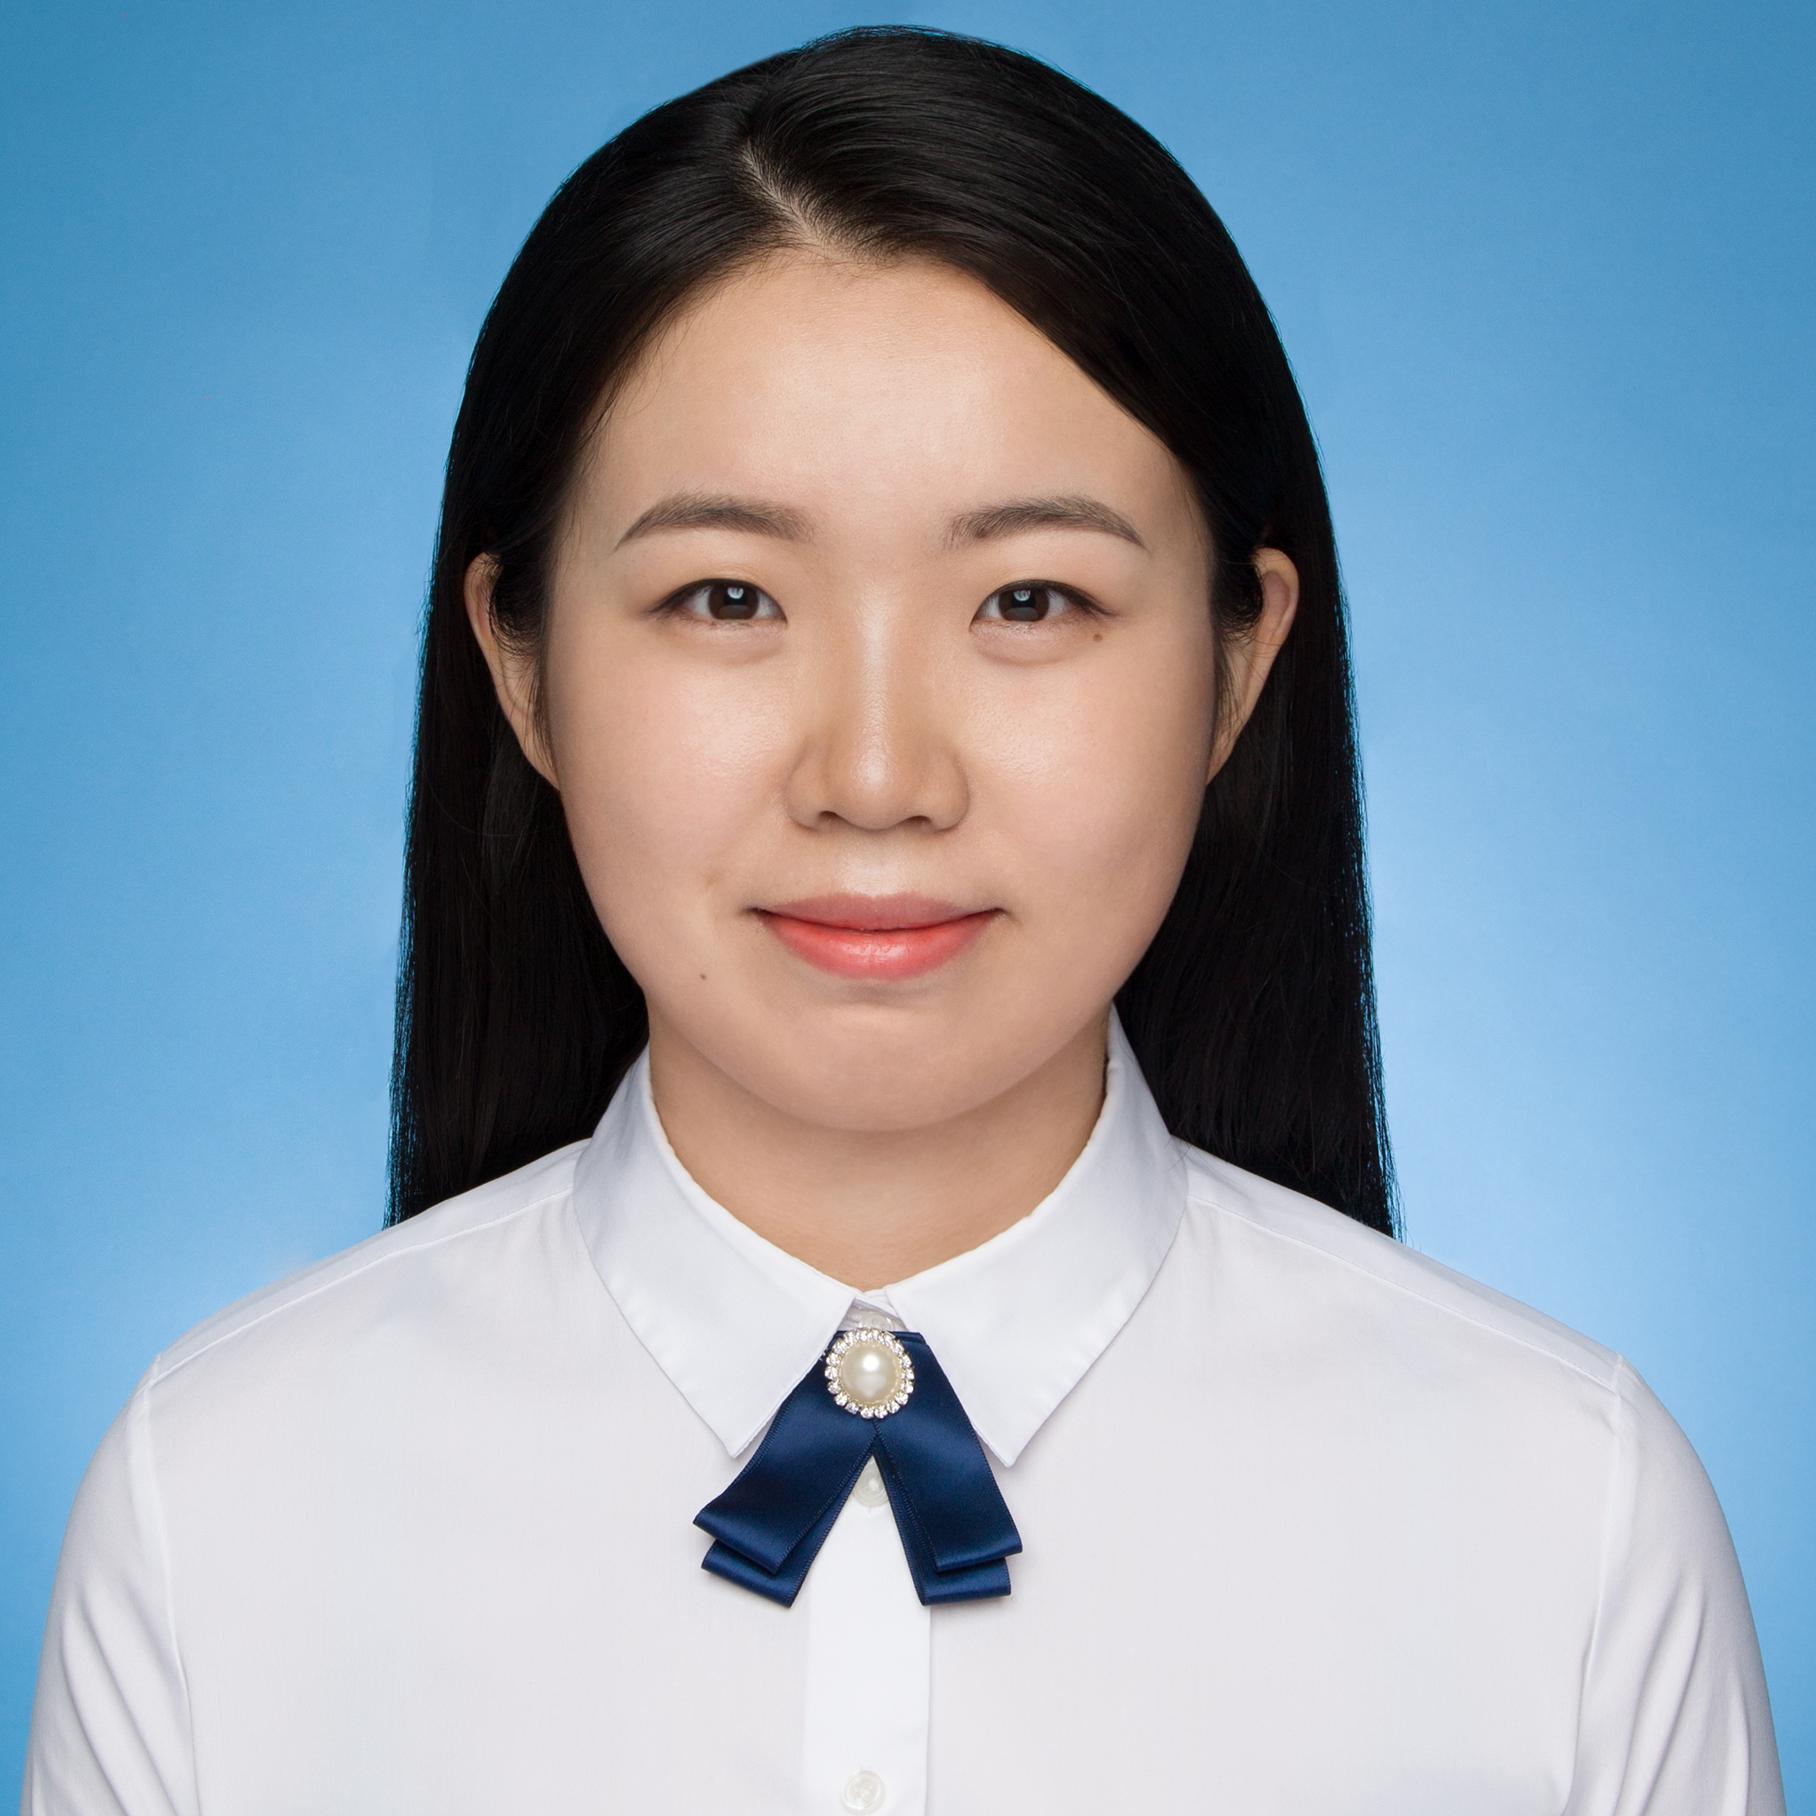 徐汇家教童老师